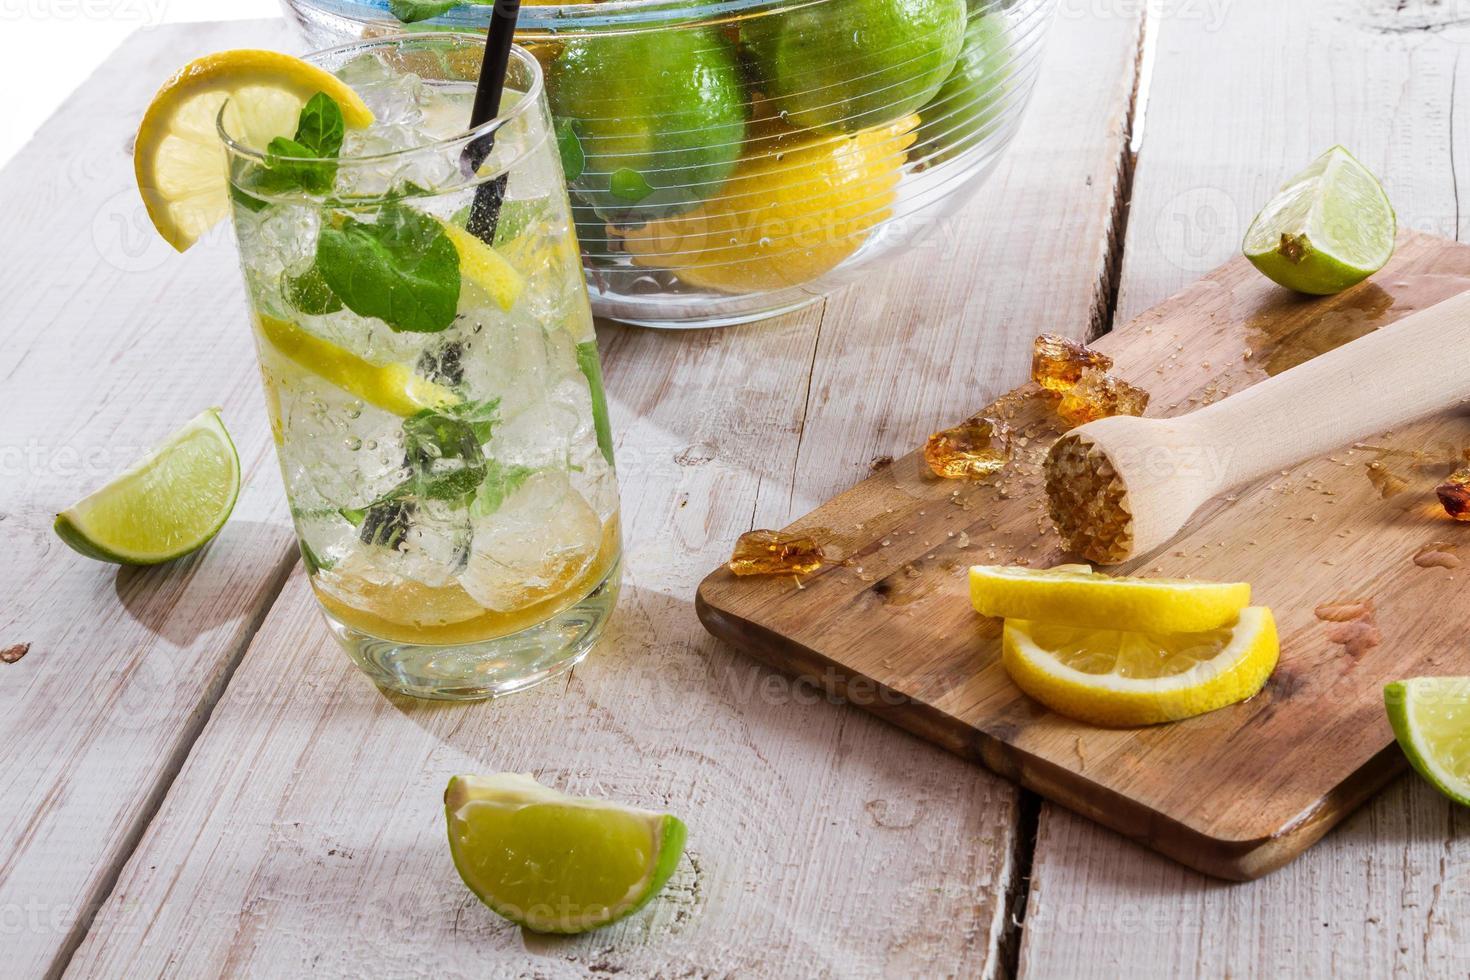 närbild av dryck med citrusfrukter och is foto